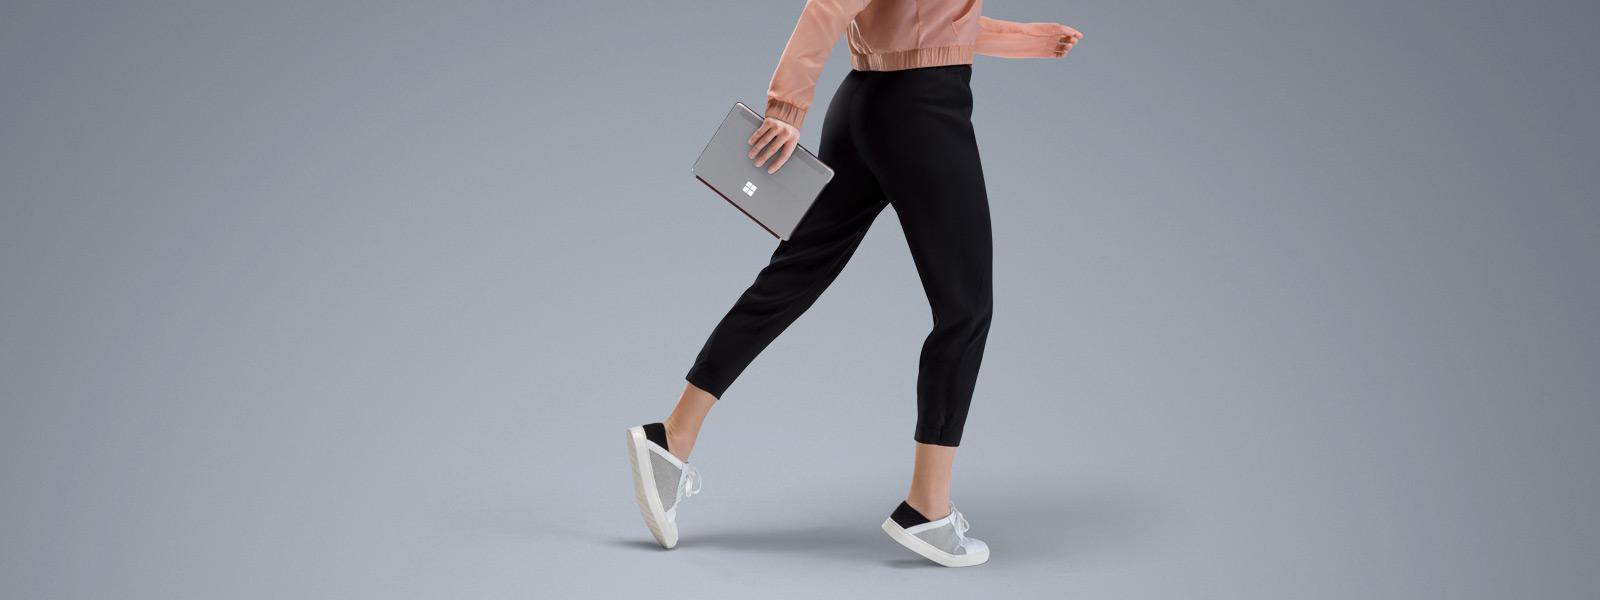 Surface Go, der holdes af en gående pige